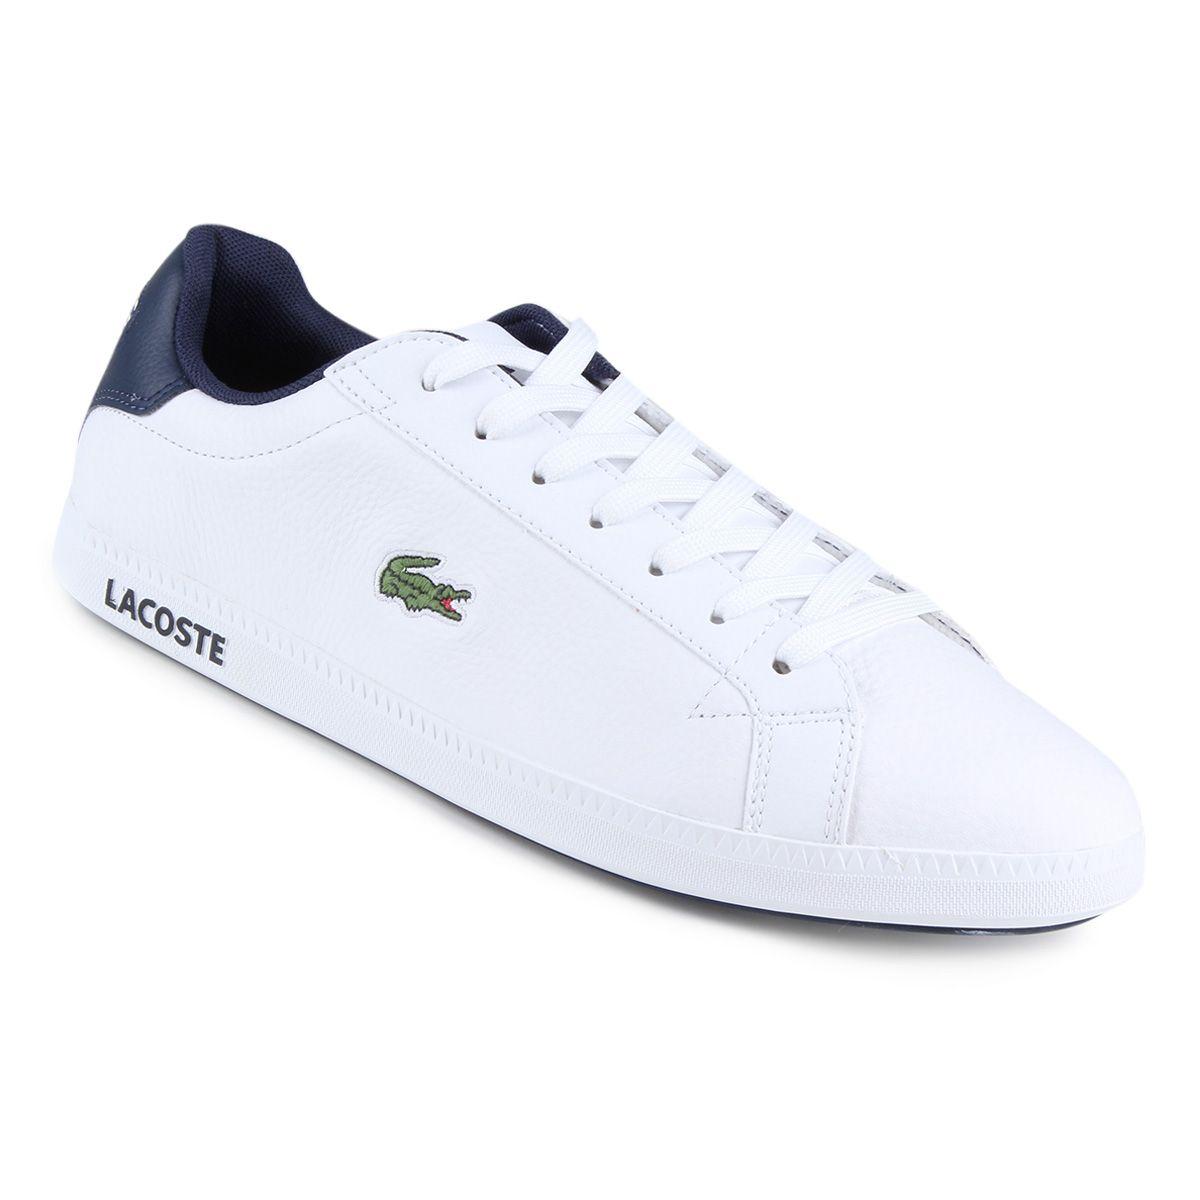 e535d566b90 Tênis Lacoste branco modelo LCR3 masculino. Veja as dicas de como  combiná-lo com seu outfit no blog Marco da Moda